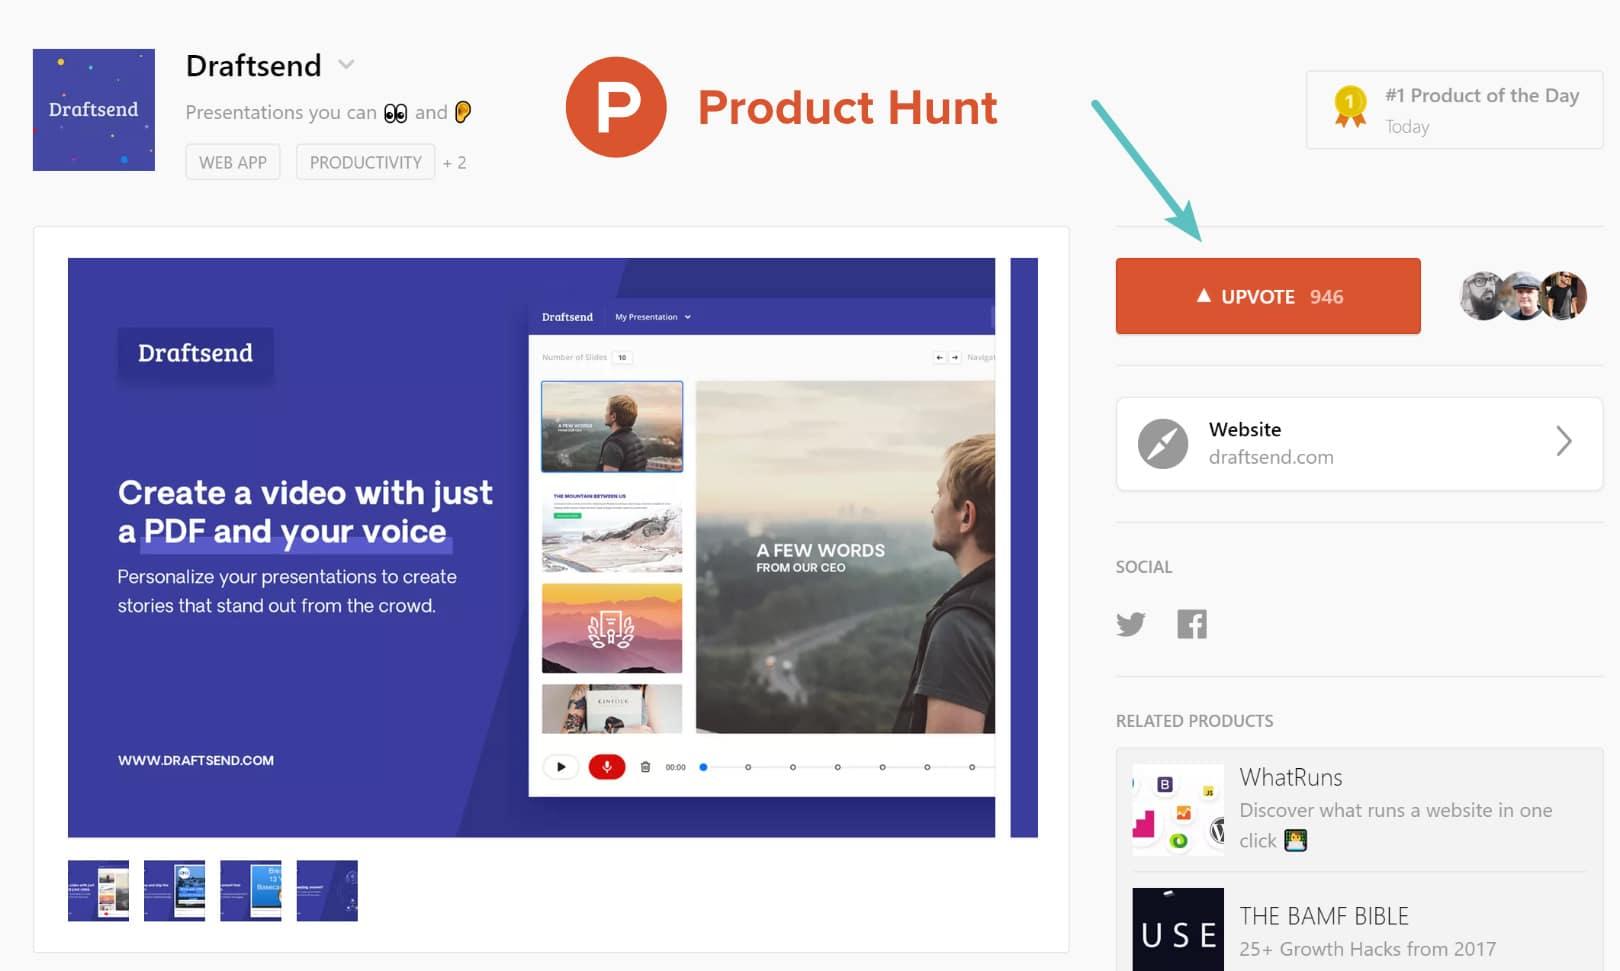 Lancement de produit sur Product Hunt